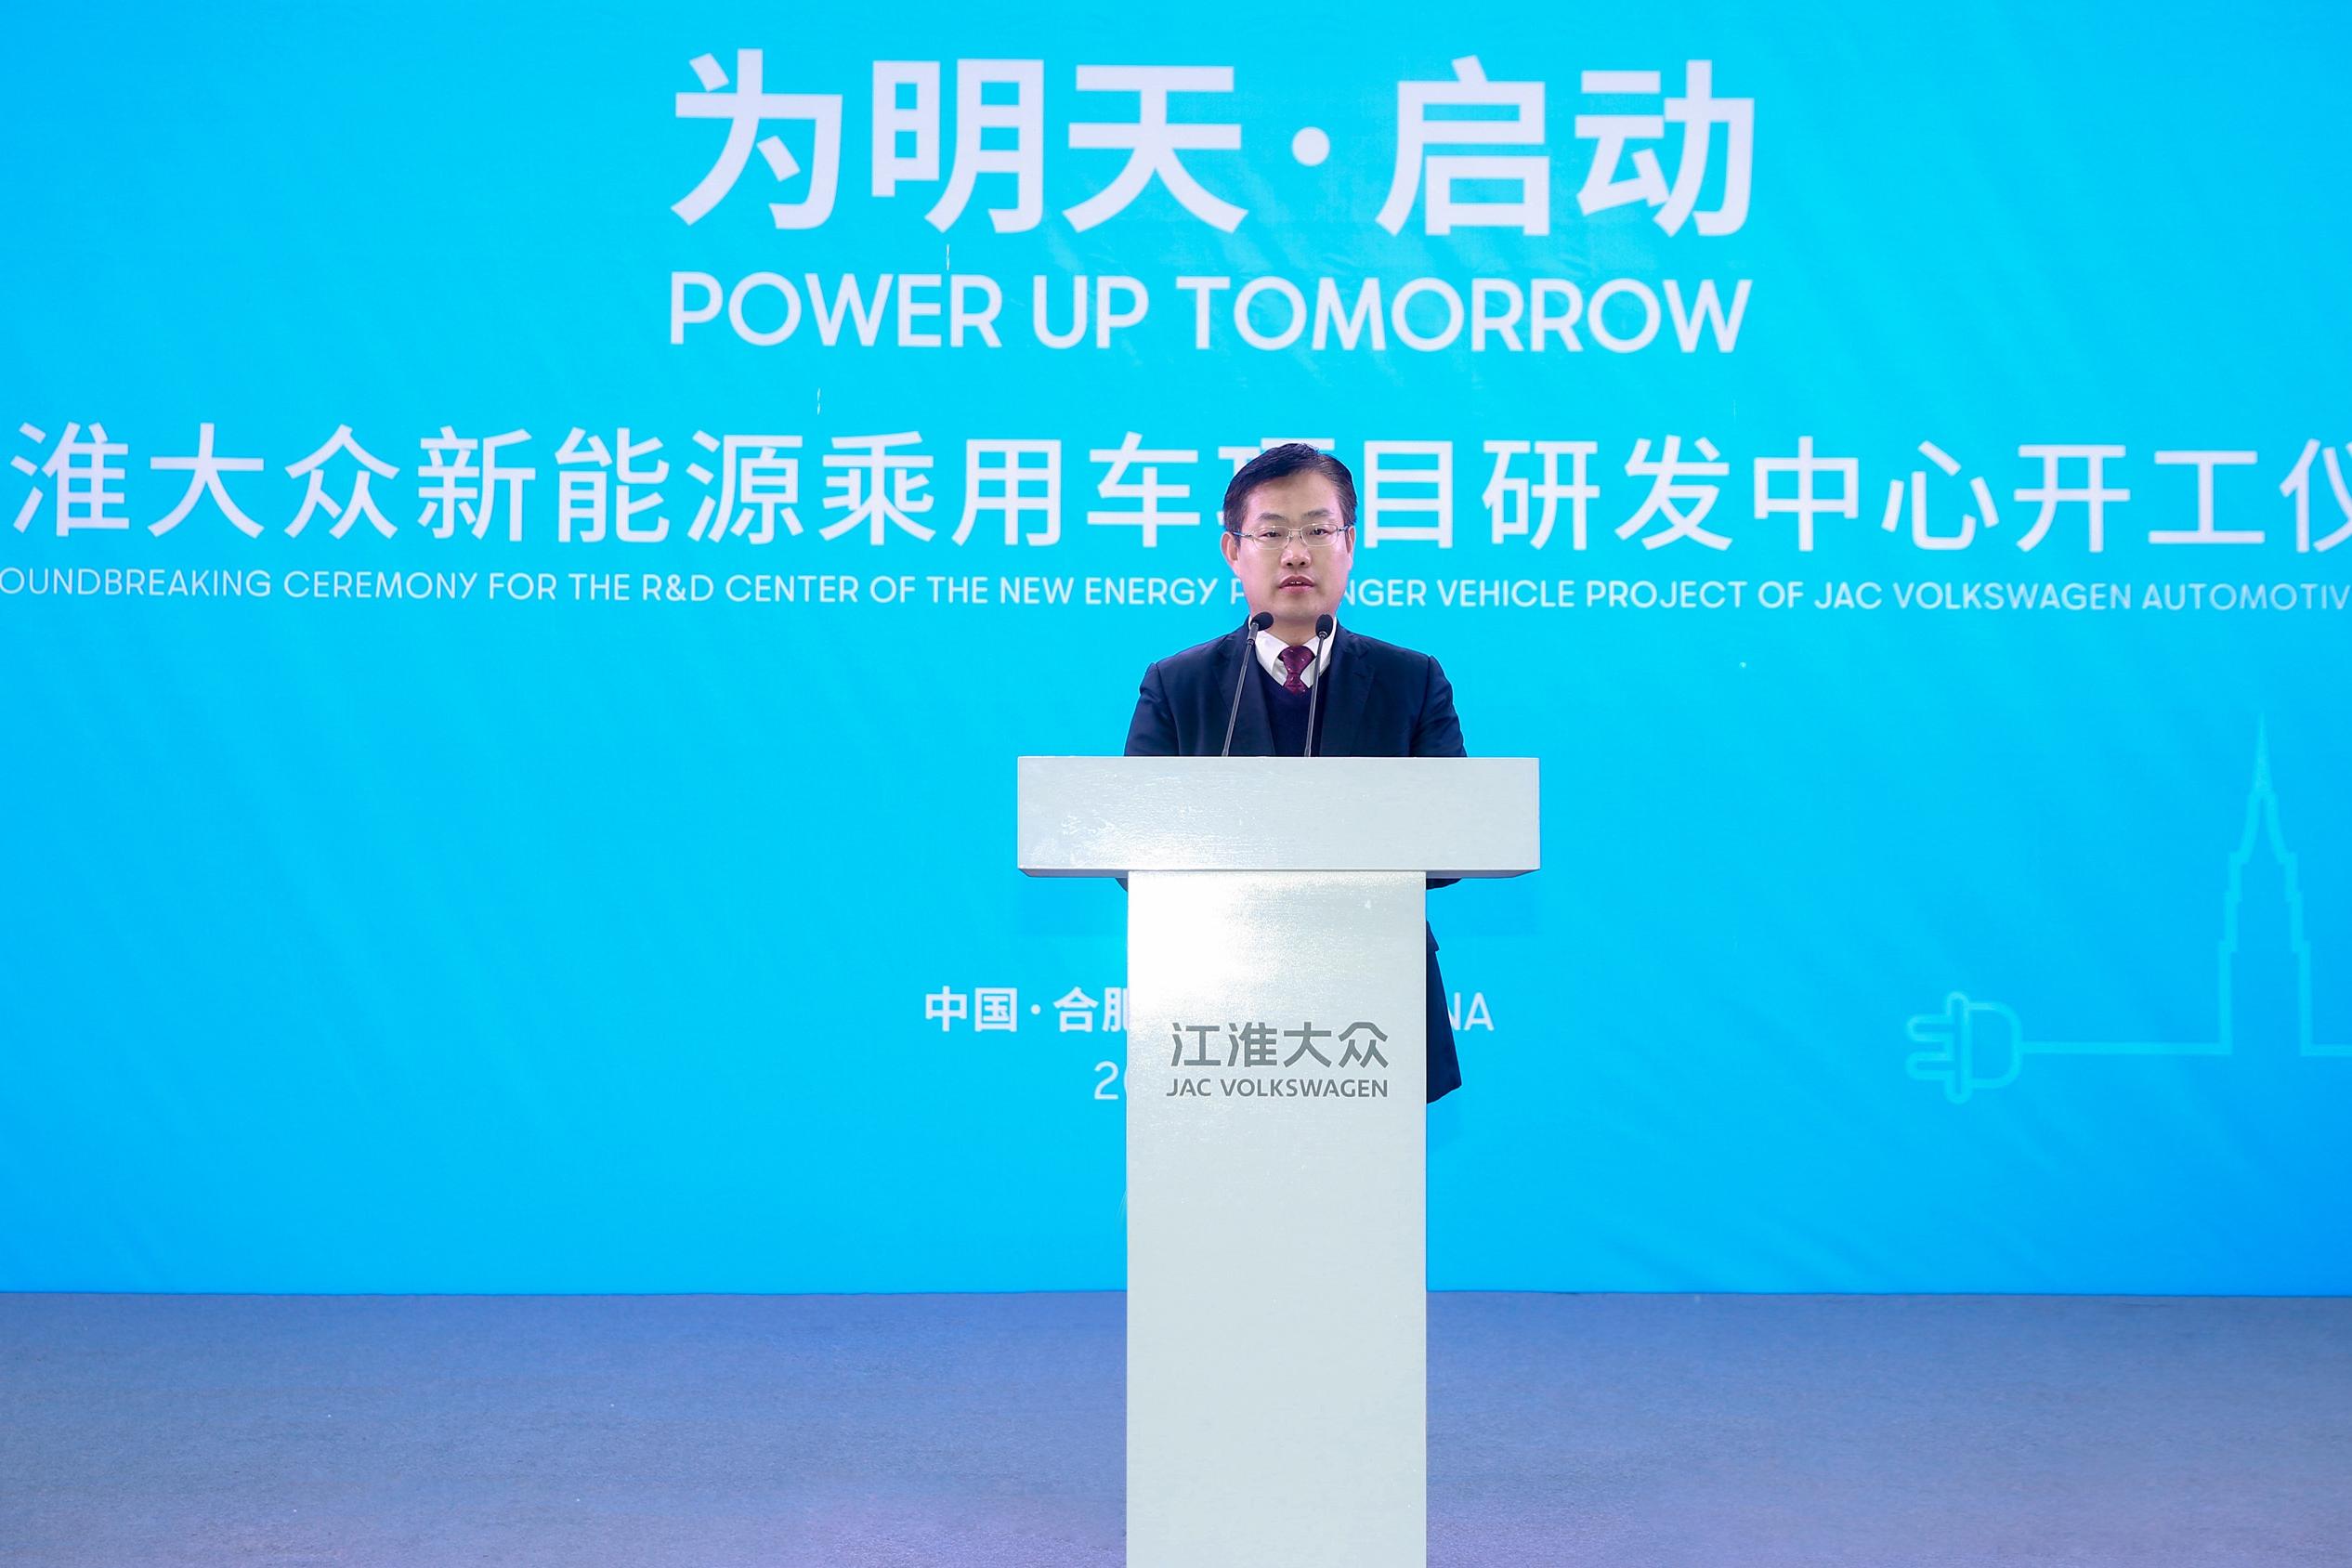 项目研发中心开工,江淮大众再进一步,新能源春天还远吗?